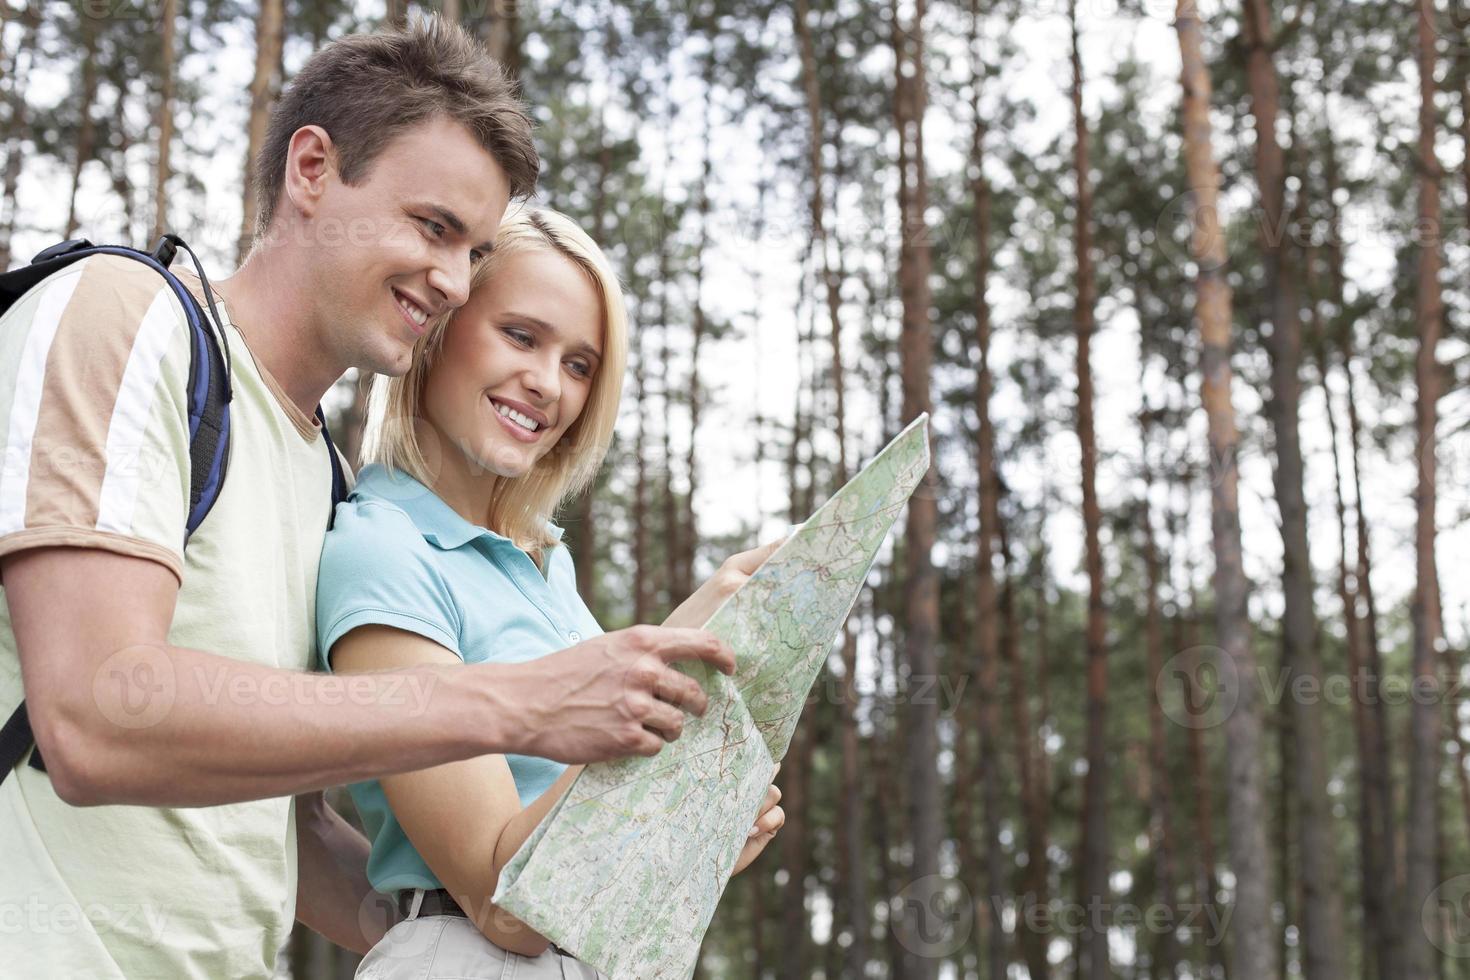 felici giovani backpackers guardando la mappa nei boschi foto